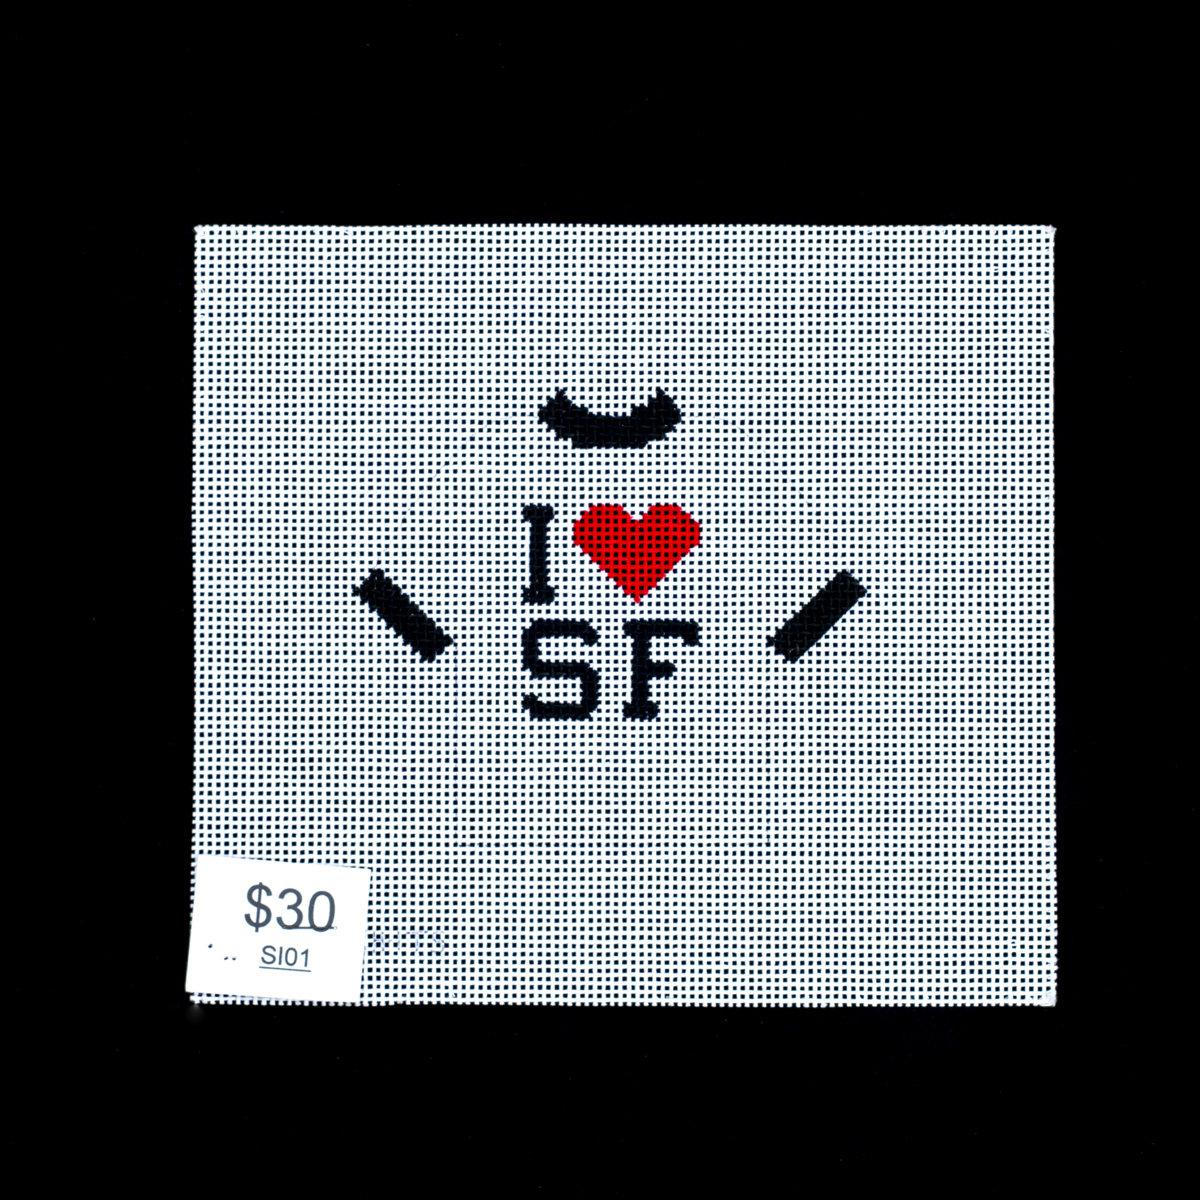 Stitch Its, I Heart SF Shirt, SI01